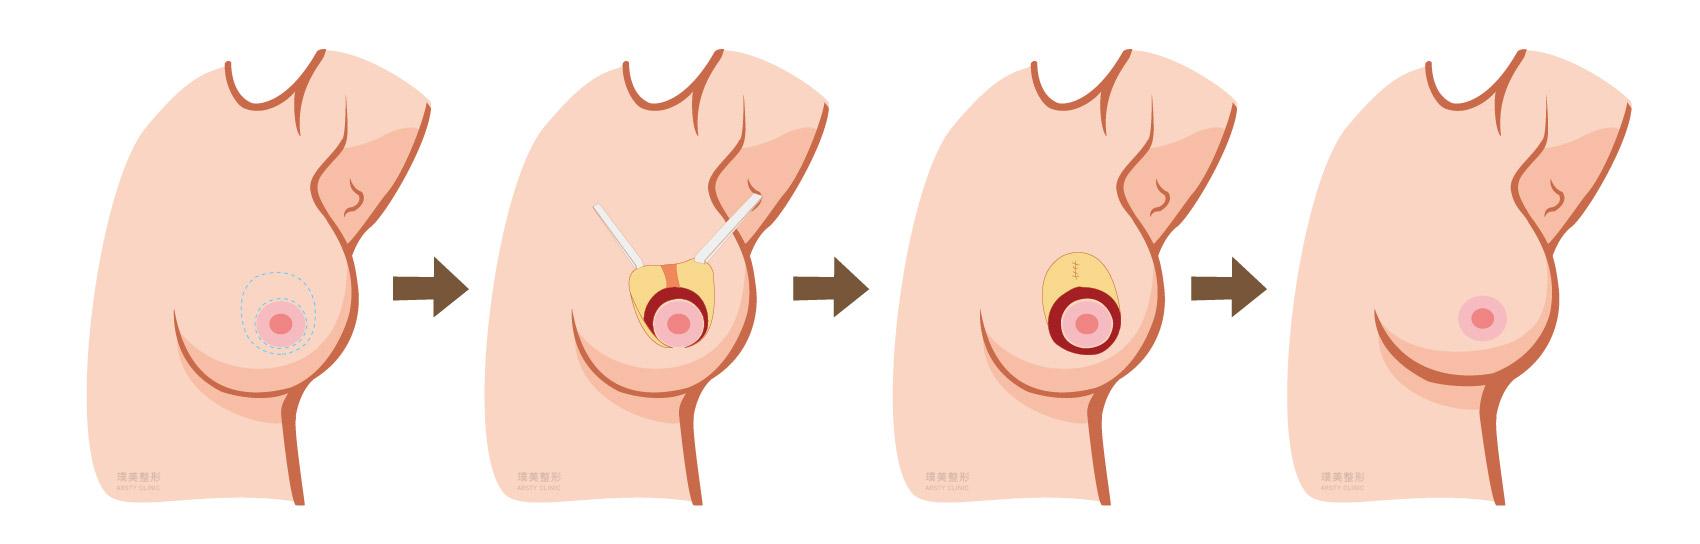 縮胸手術原理 圓形切口提乳法